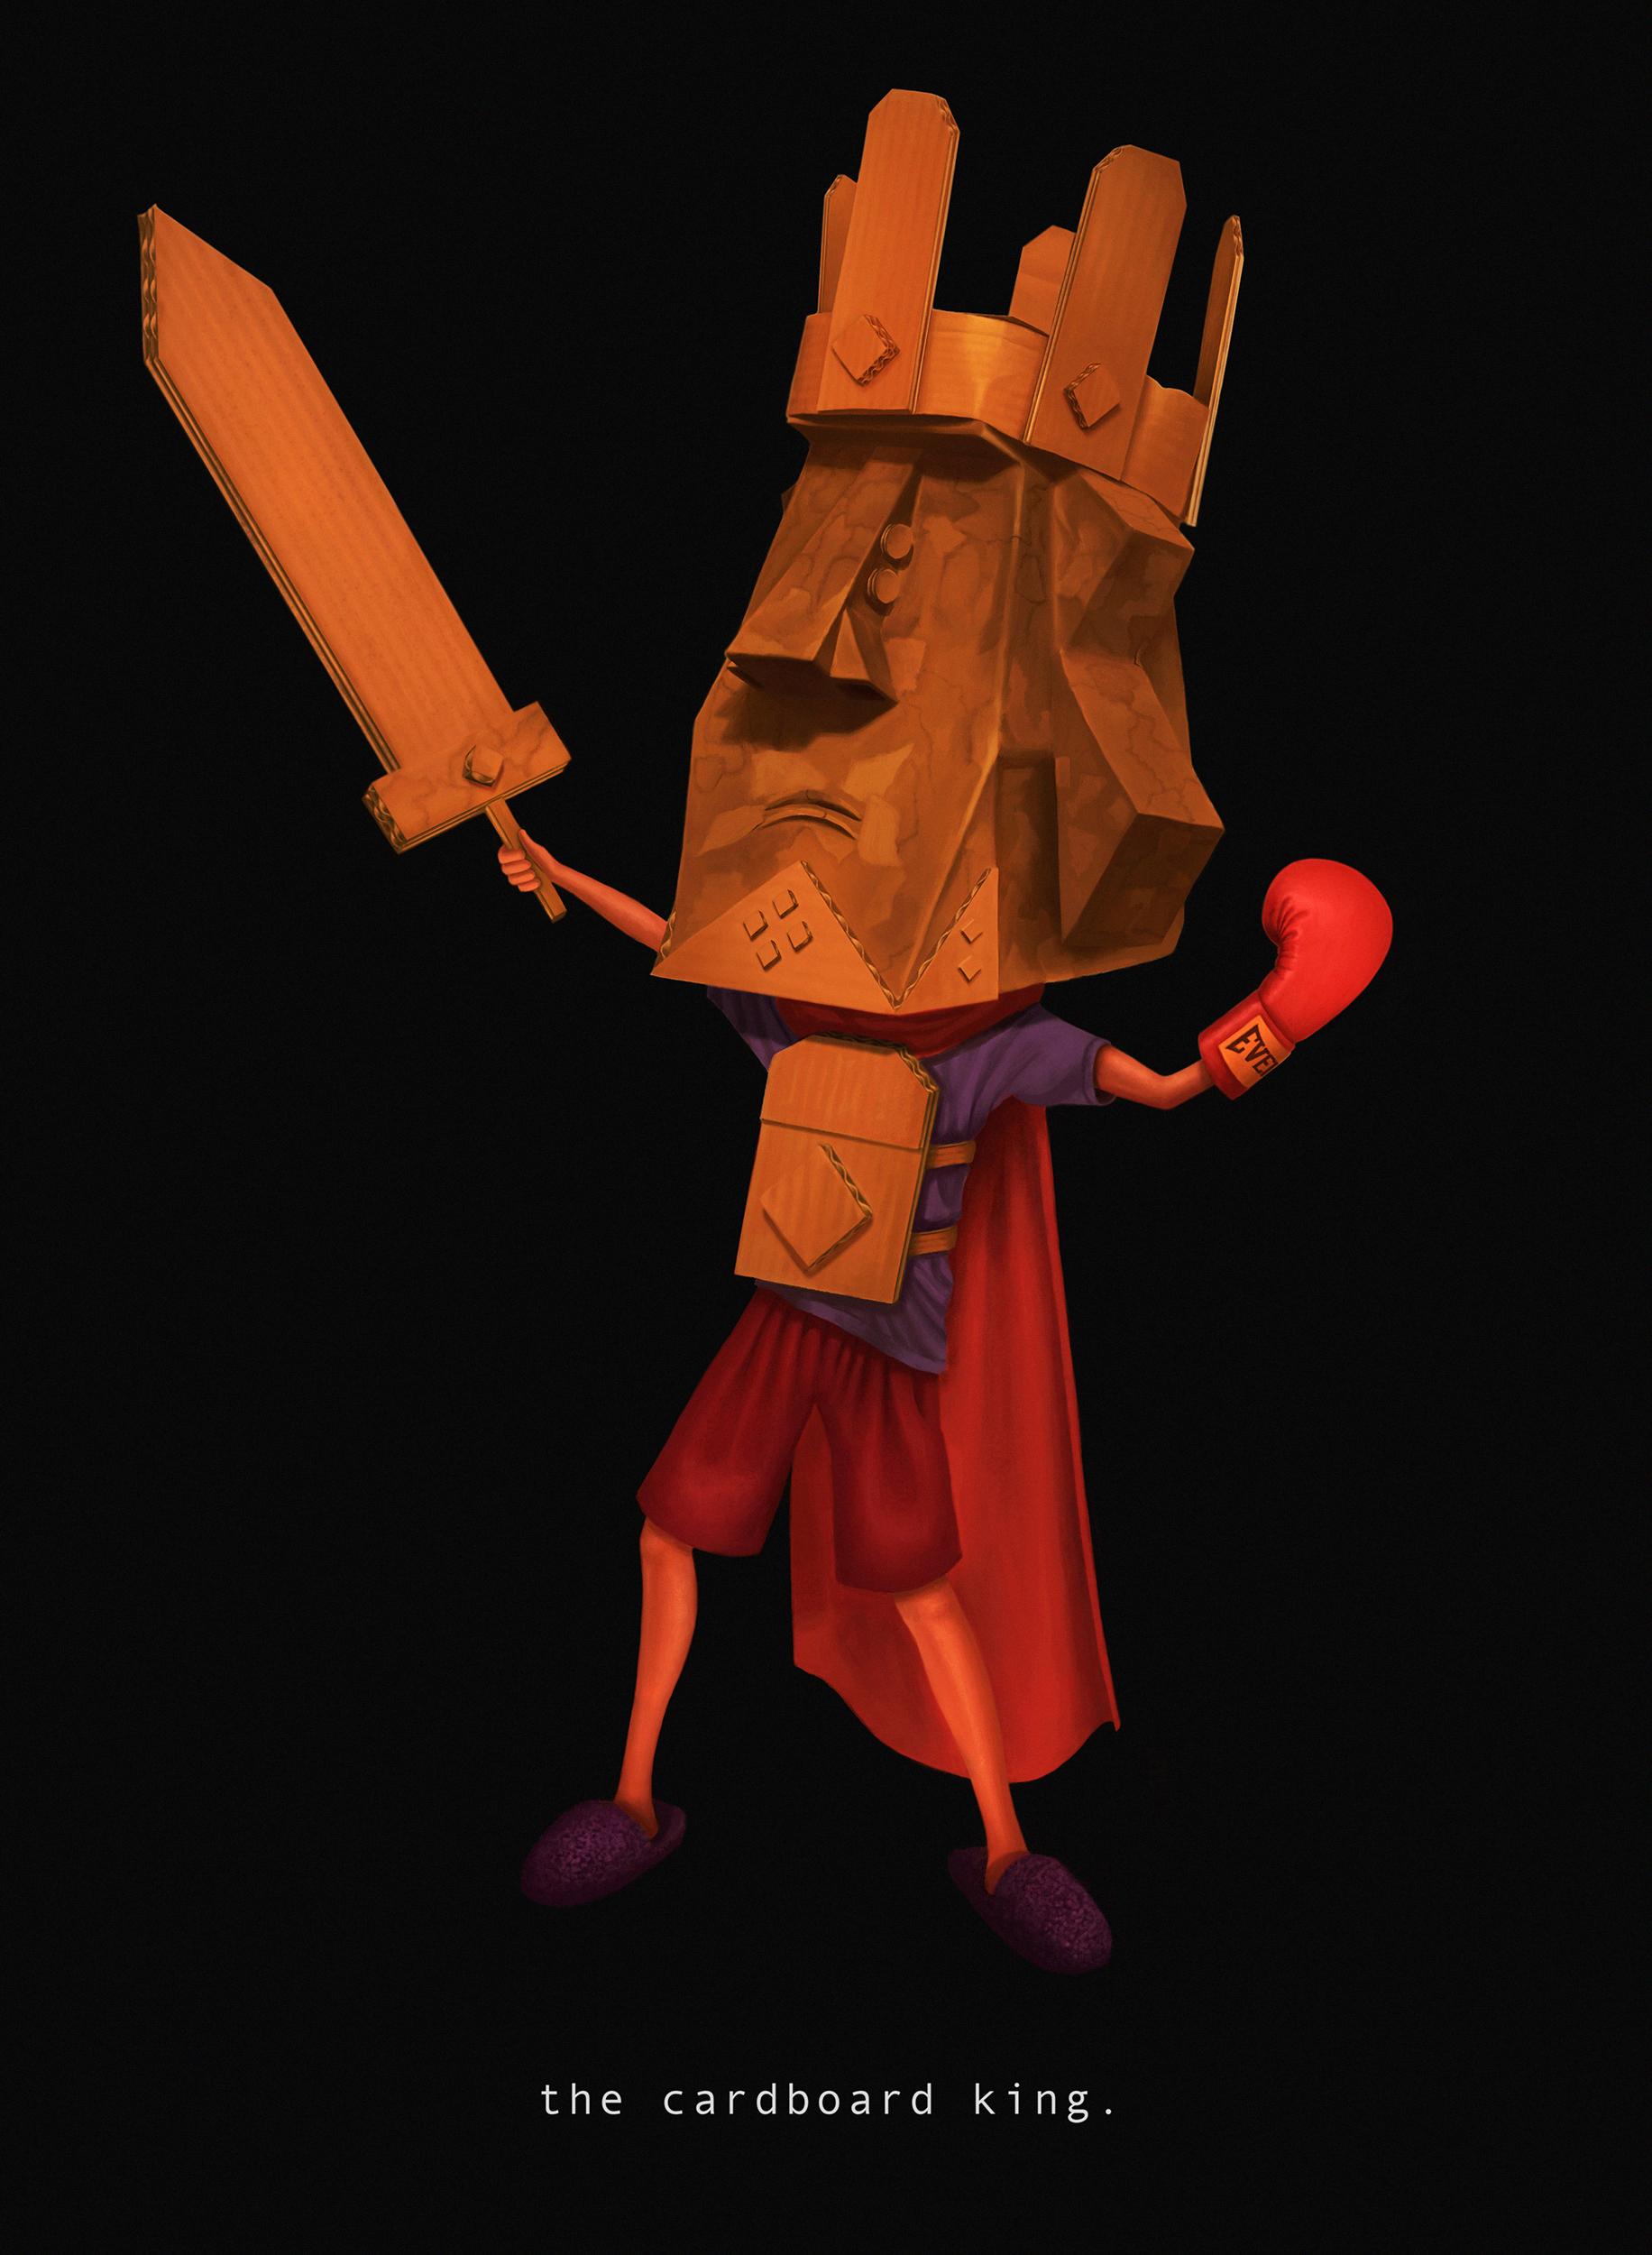 [Image: the_cardboard_king_by_epoch_owen-dauc1a0.jpg]